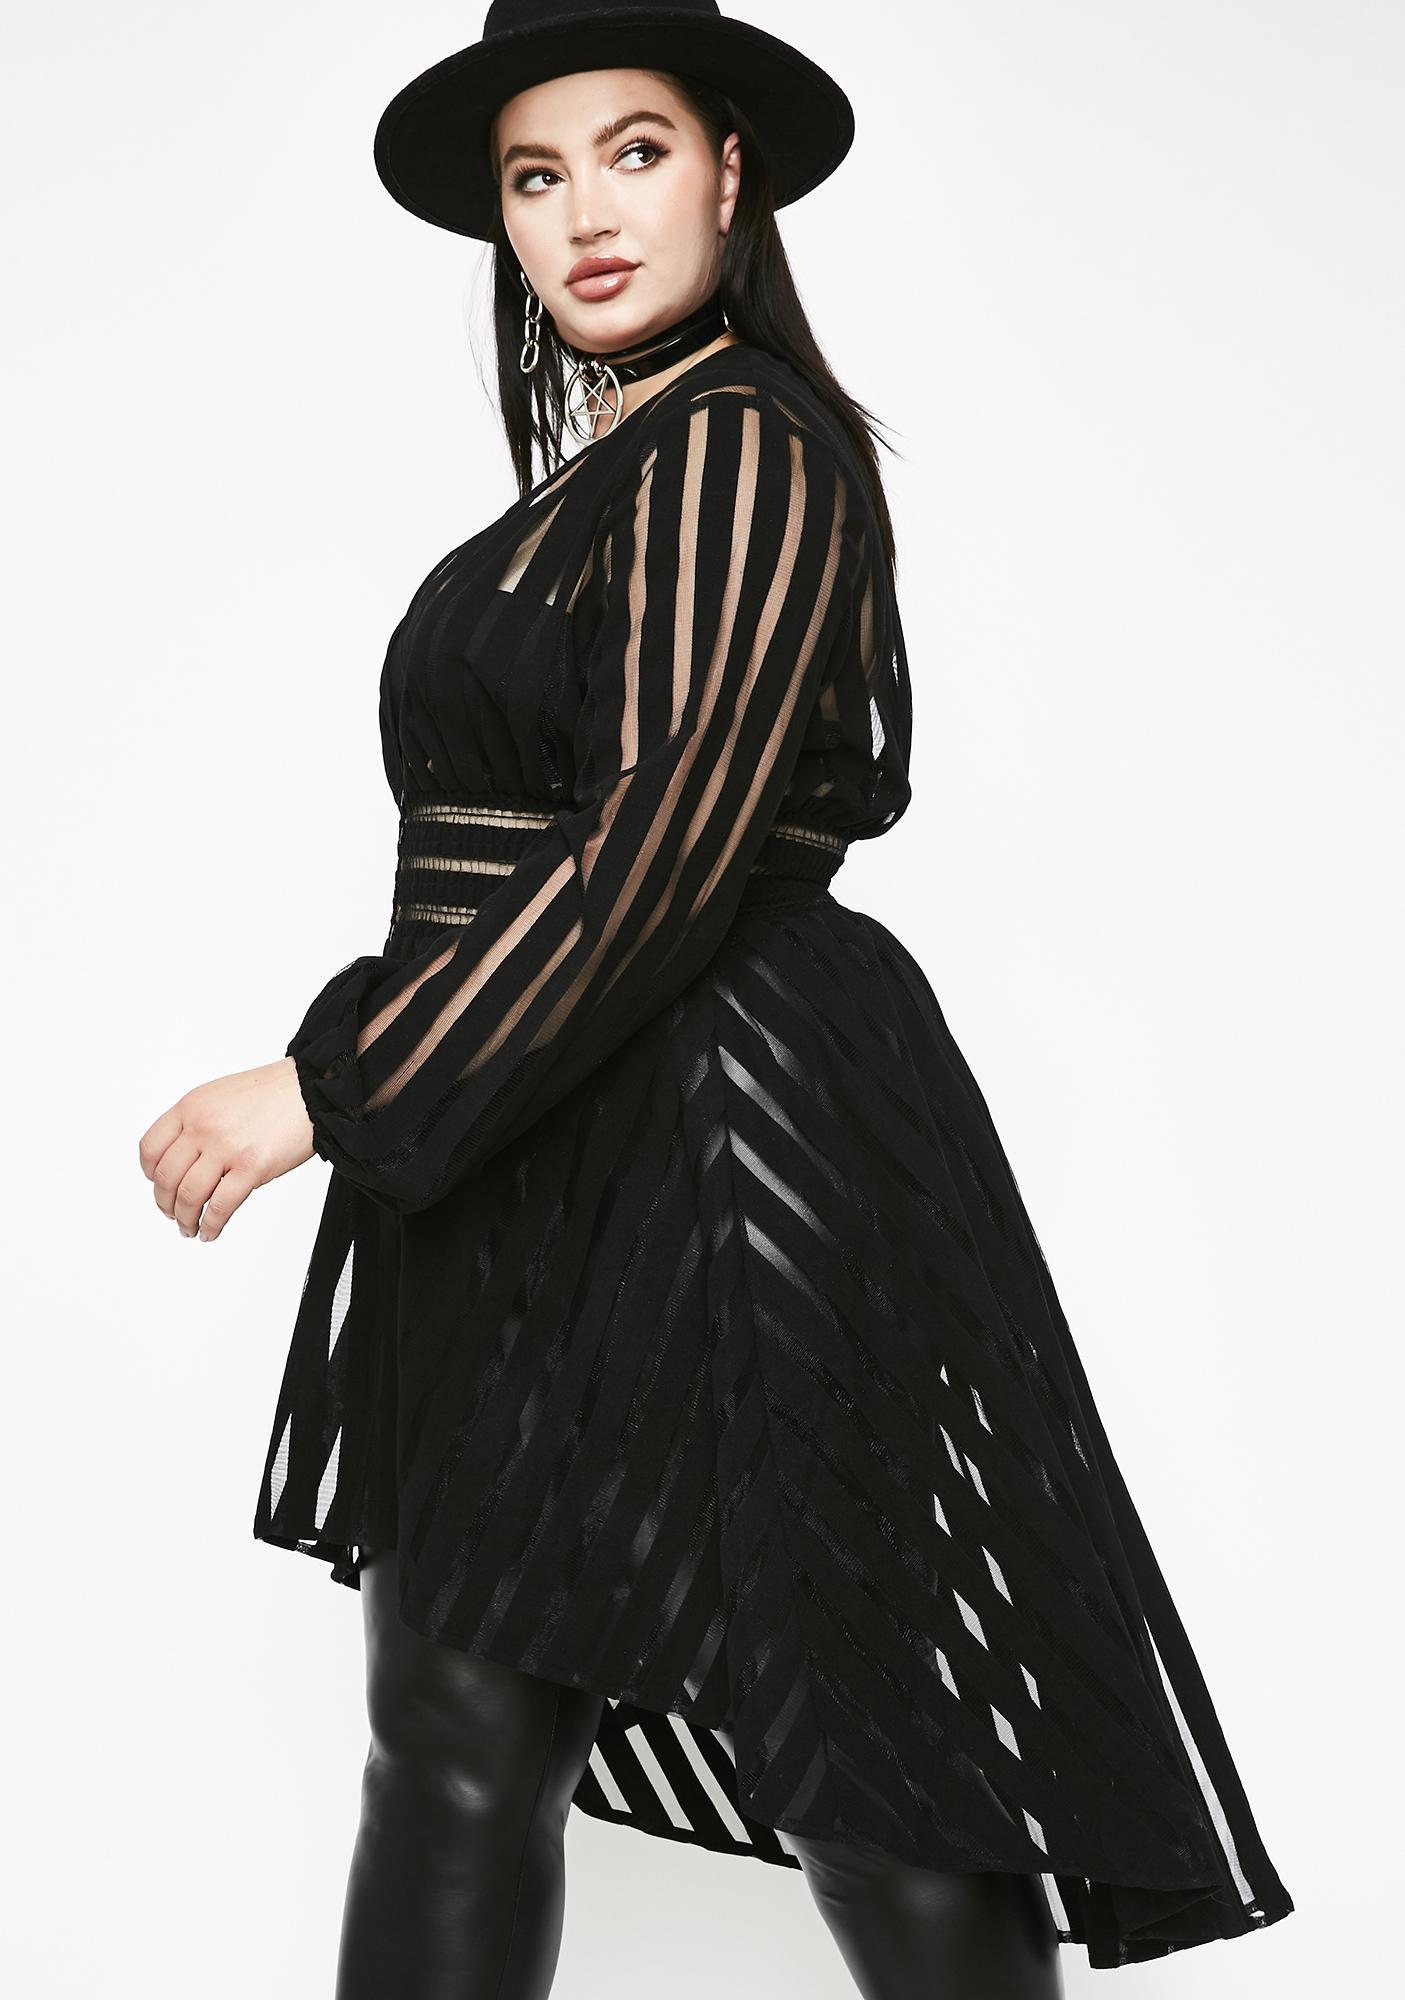 Sassy Supreme Queen Sheer Jacket